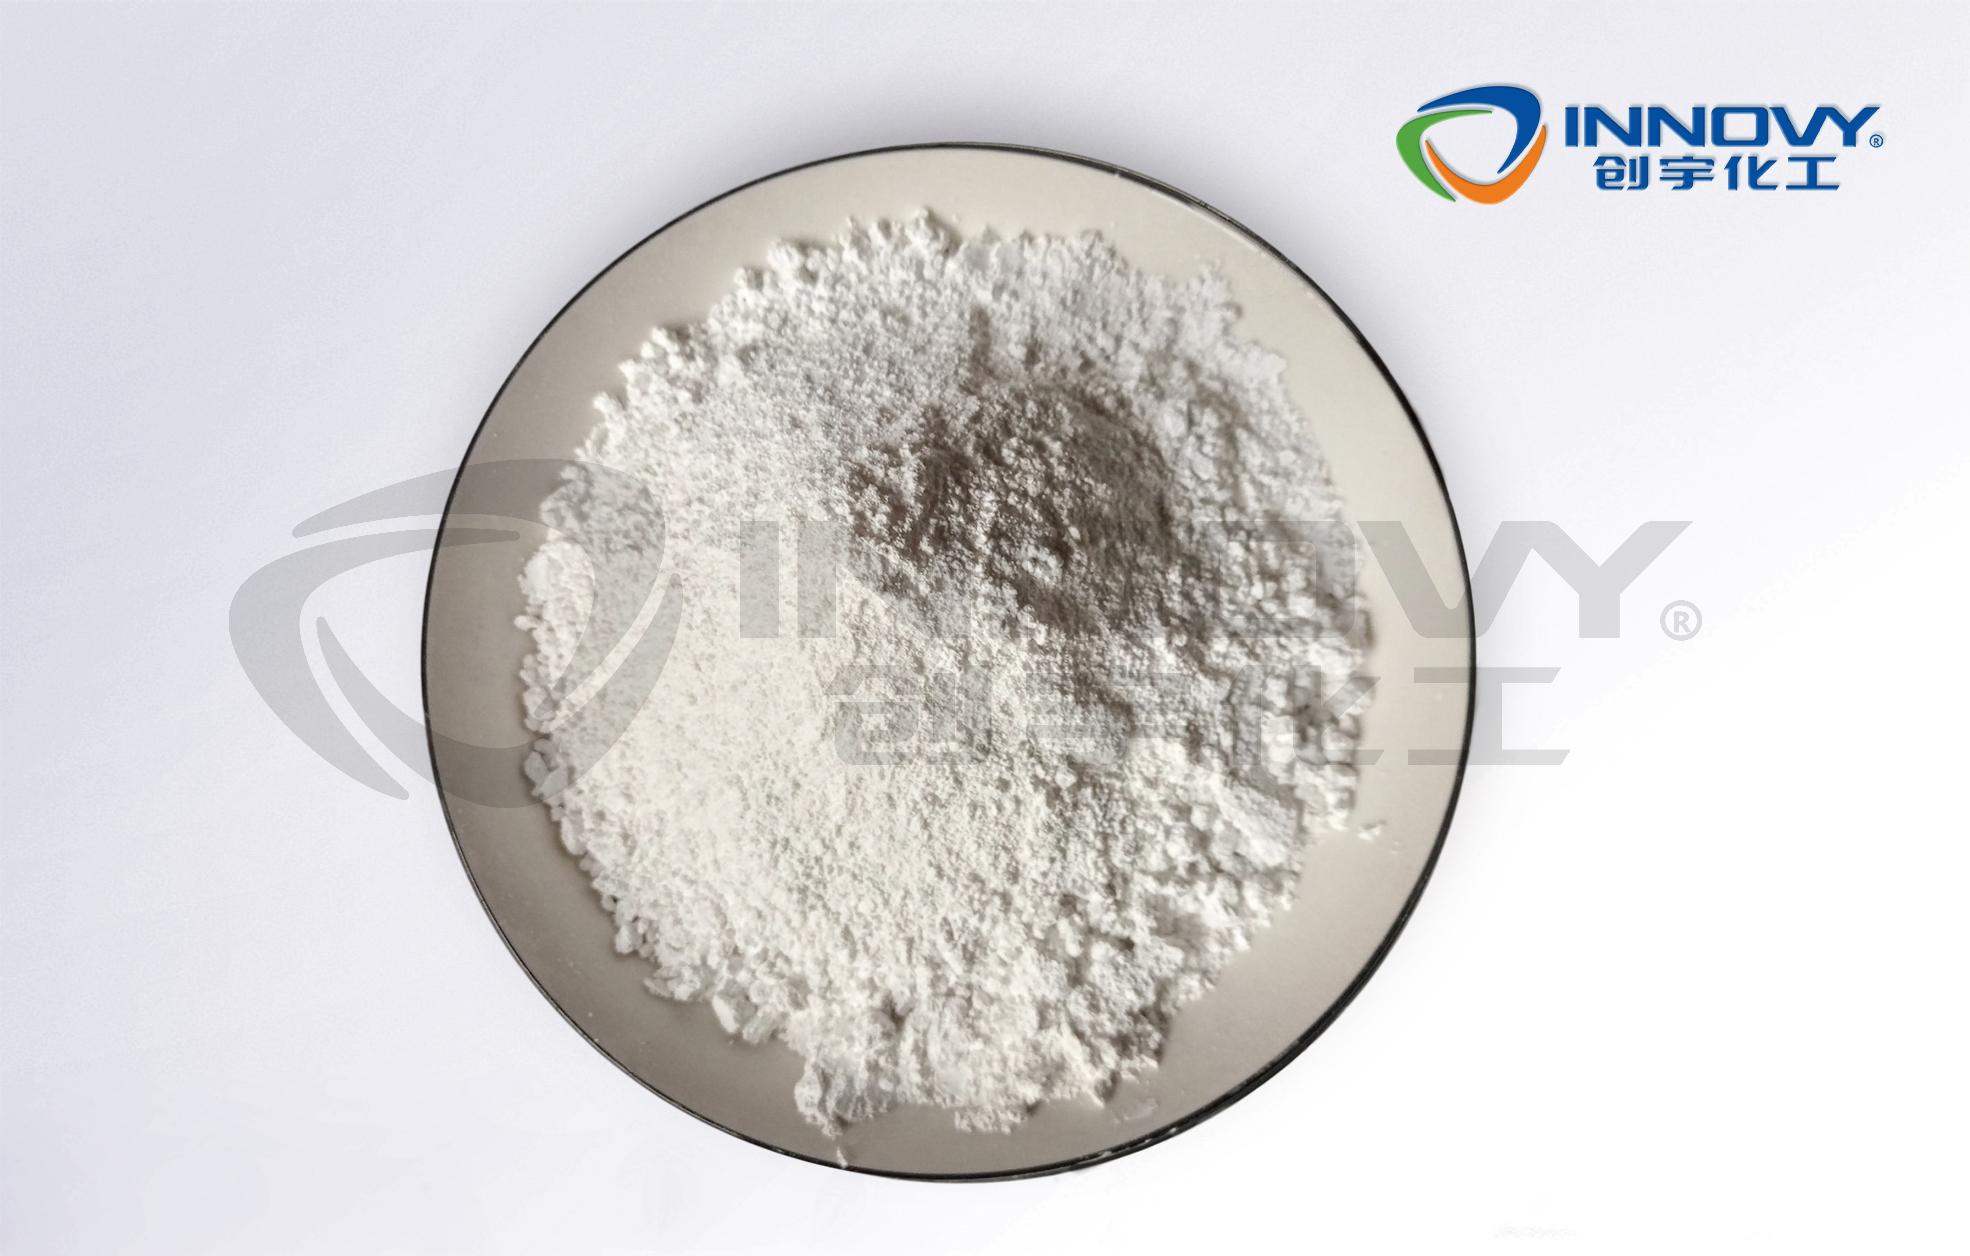 碳酸钙的特性和改性作用